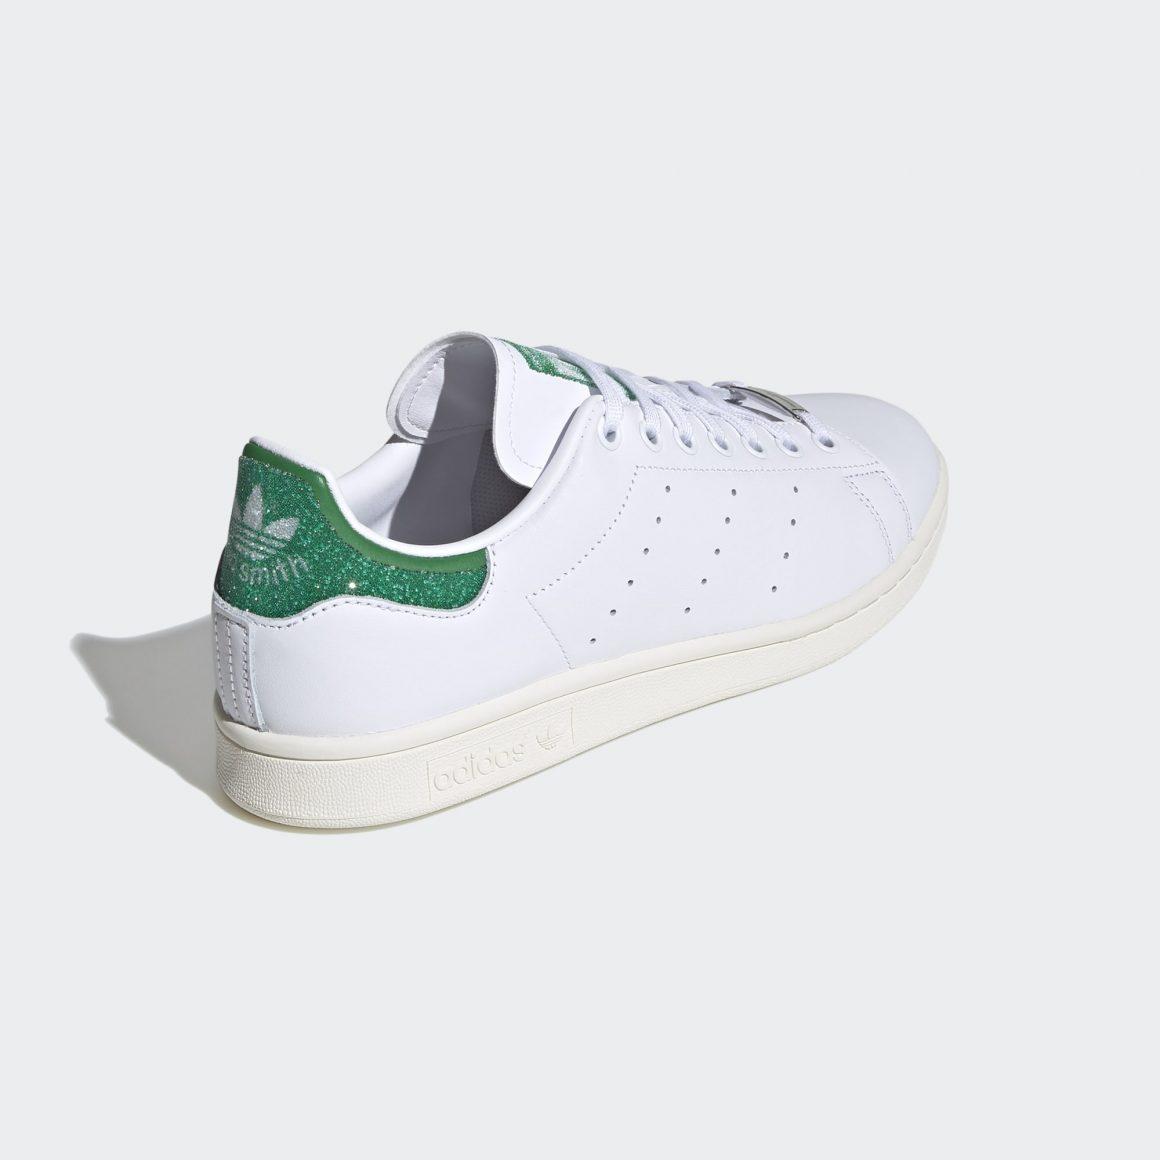 Swarovski x adidas Stan Smith - FX7482